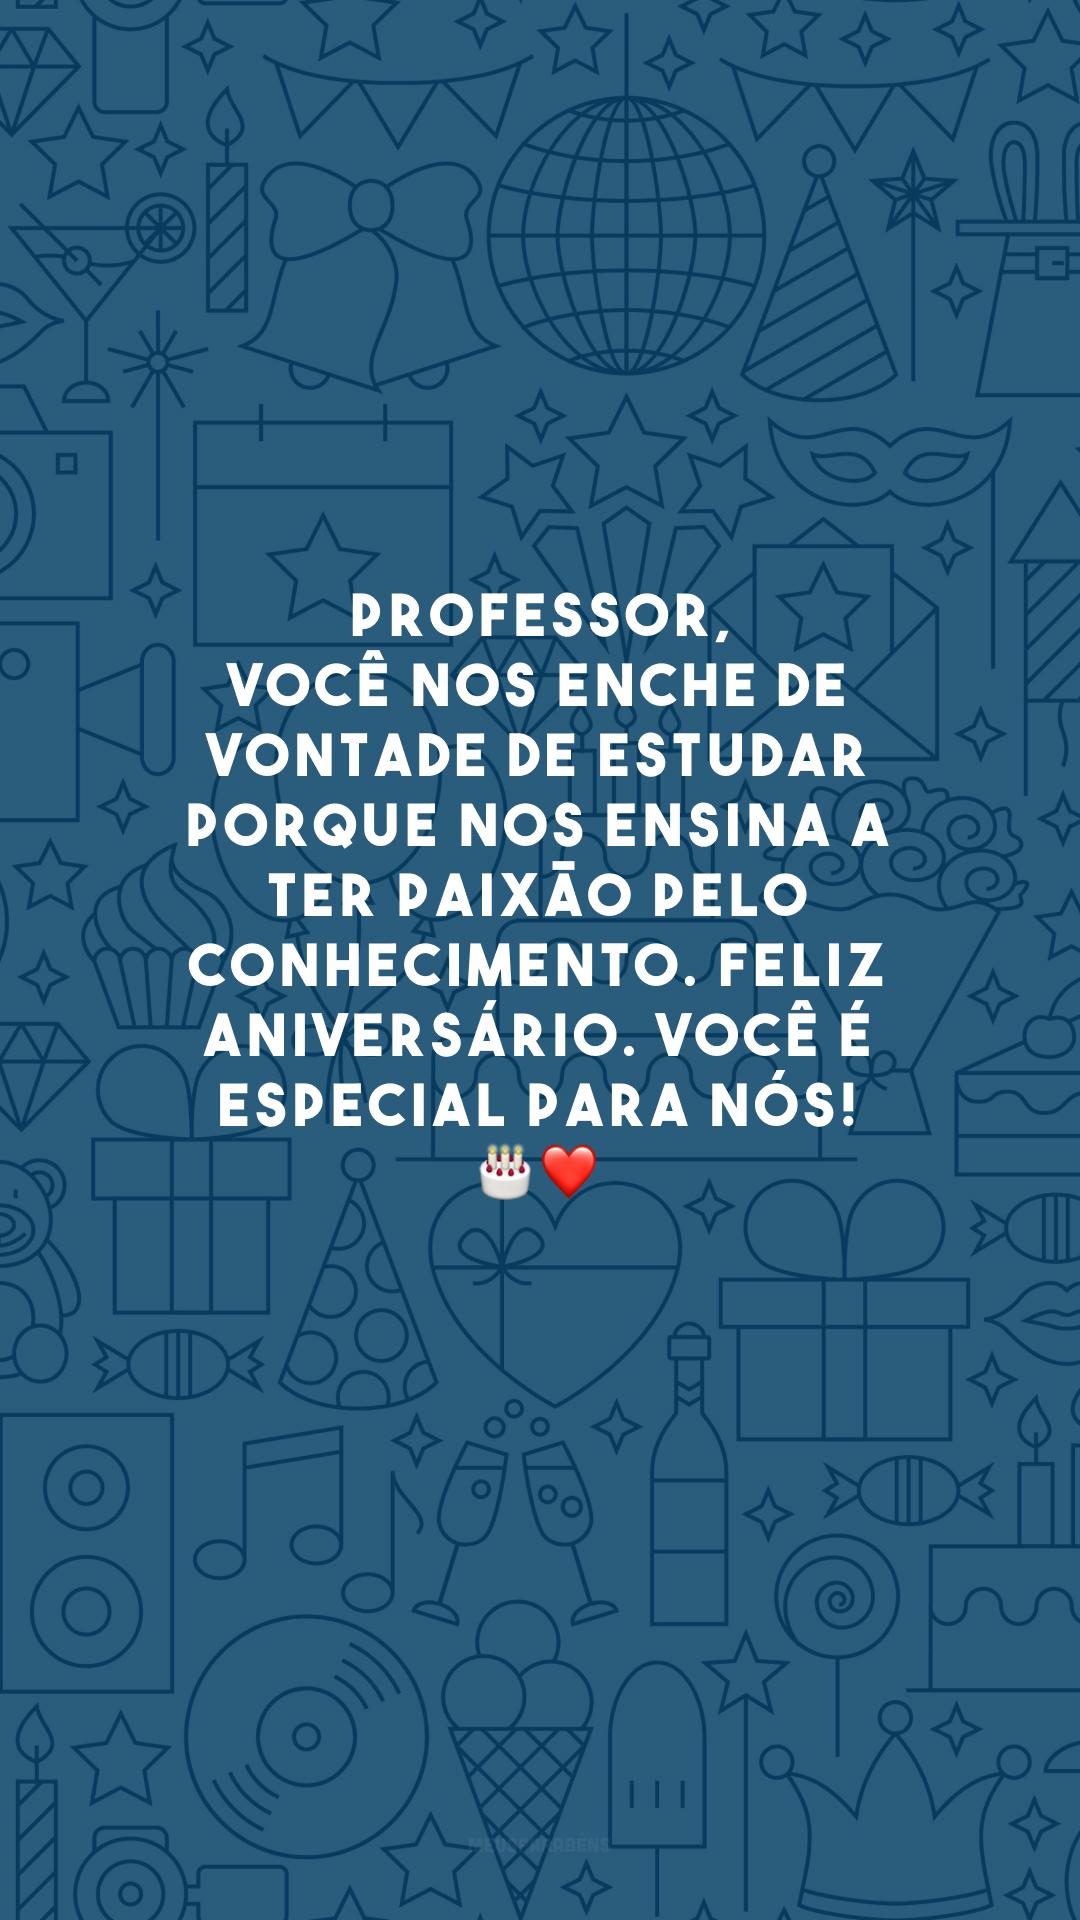 Professor, você nos enche de vontade de estudar porque nos ensina a ter paixão pelo conhecimento. Feliz aniversário. Você é especial para nós! 🎂❤️